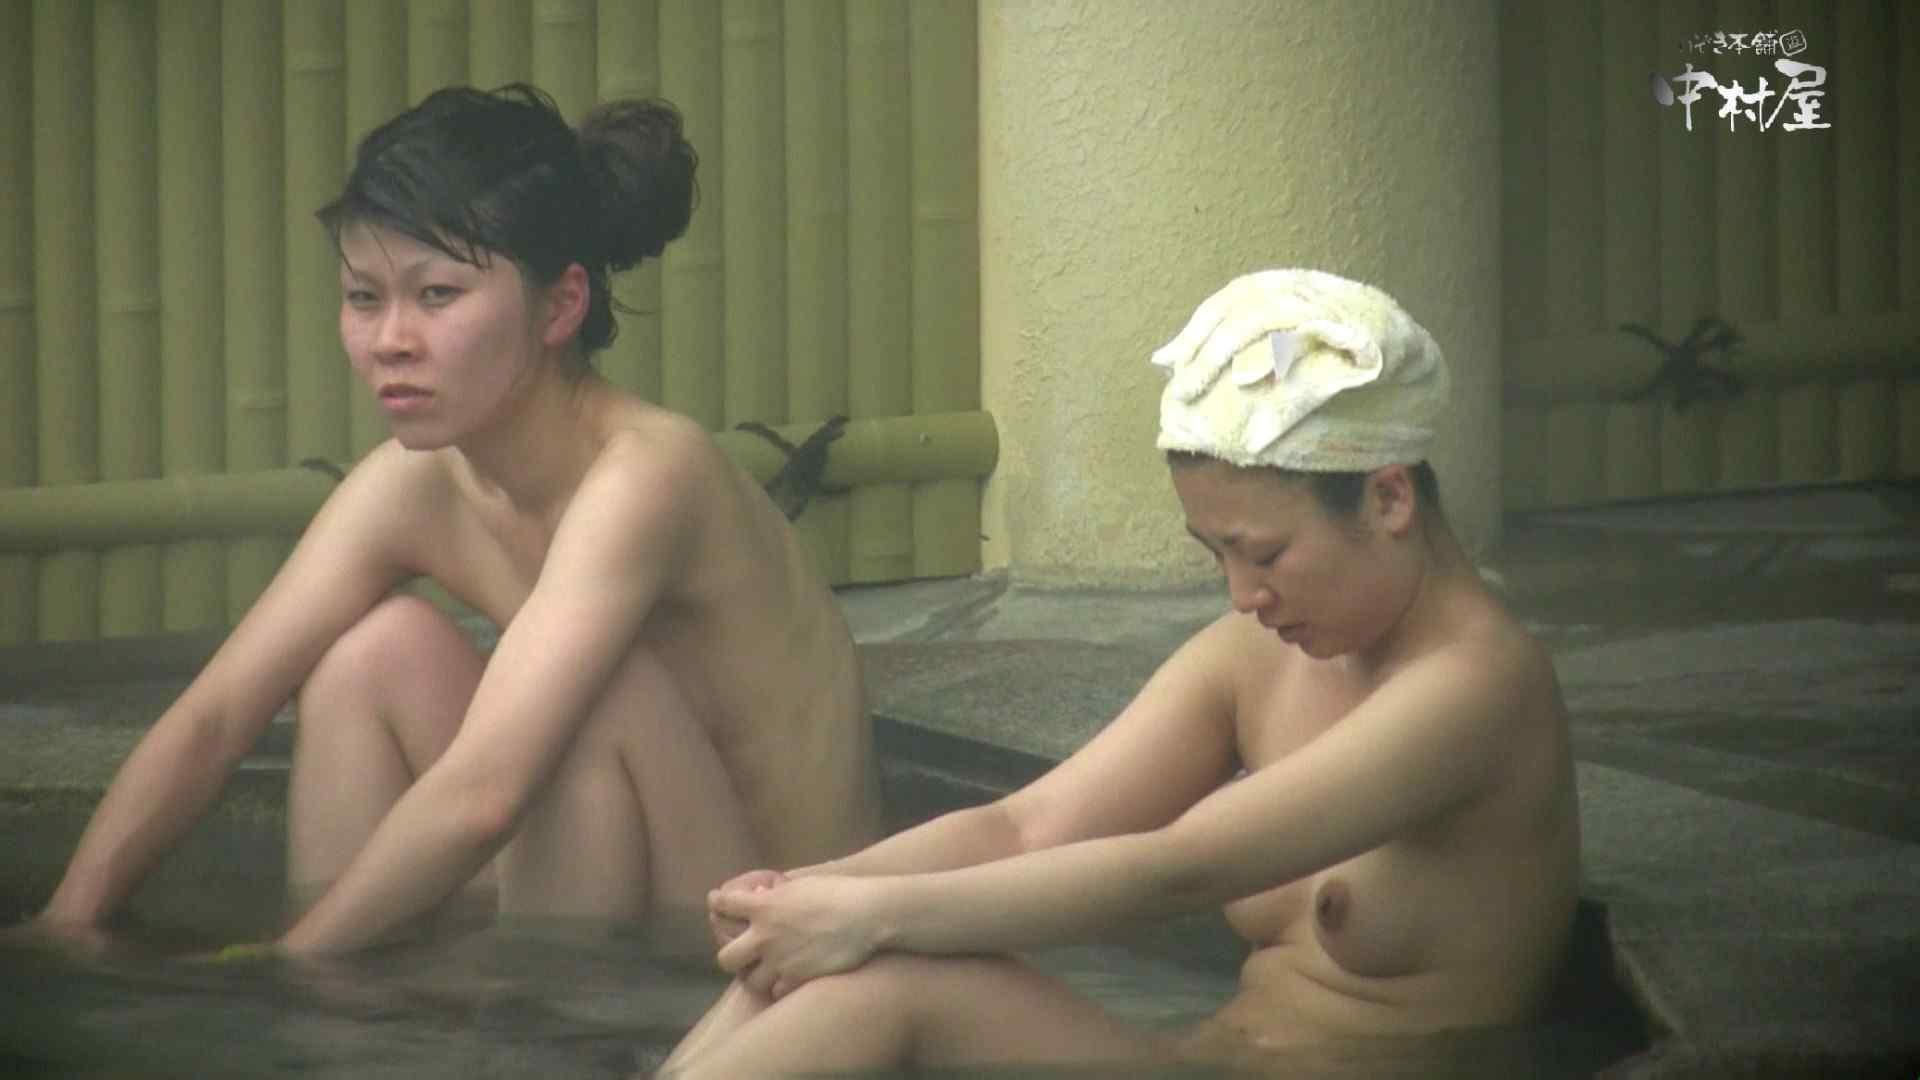 Aquaな露天風呂Vol.890 盗撮シリーズ  93PIX 78